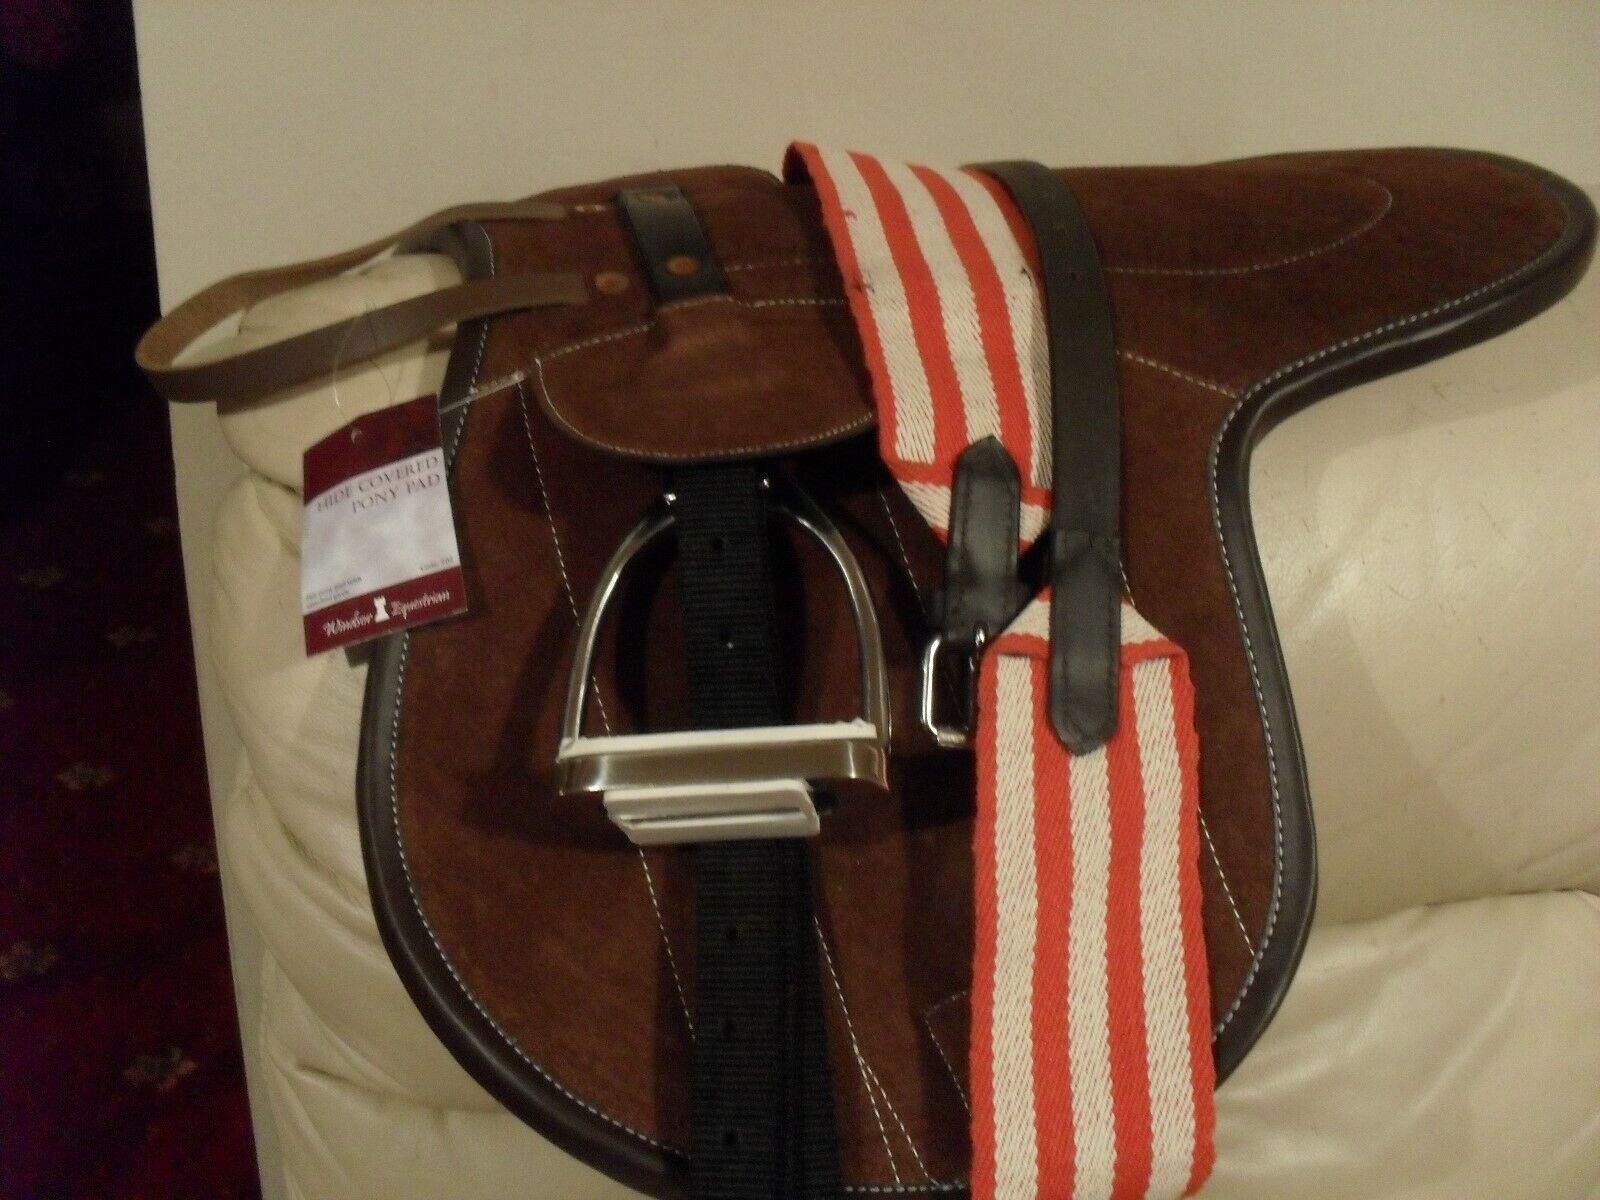 nuovo Windsor Feltro Pony Pad completo di ferri da stiro e Leathers perfetto per un'ampia Pony